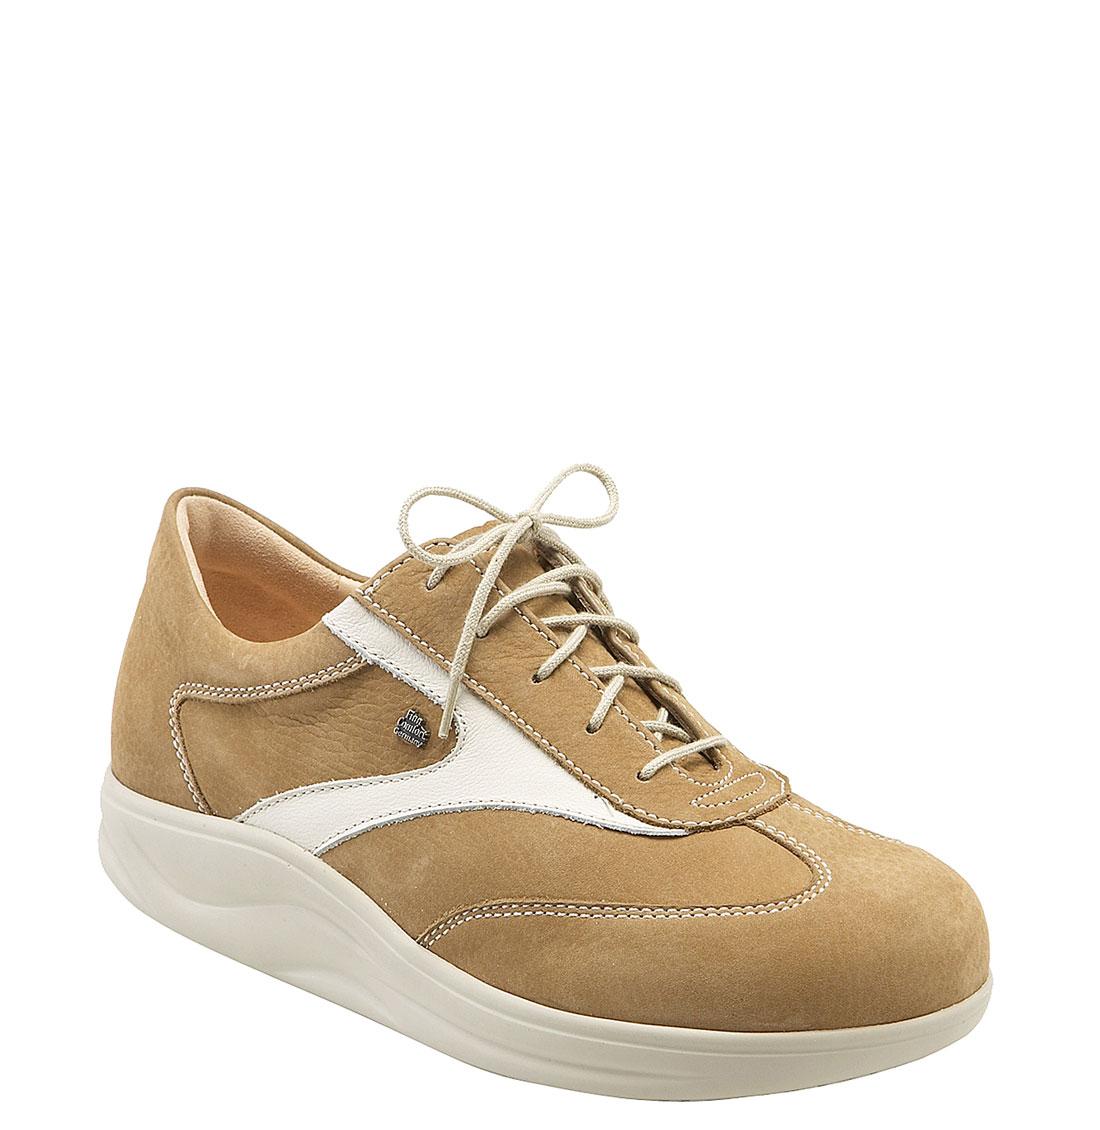 finn comfort finnamic by recife walking shoe in beige